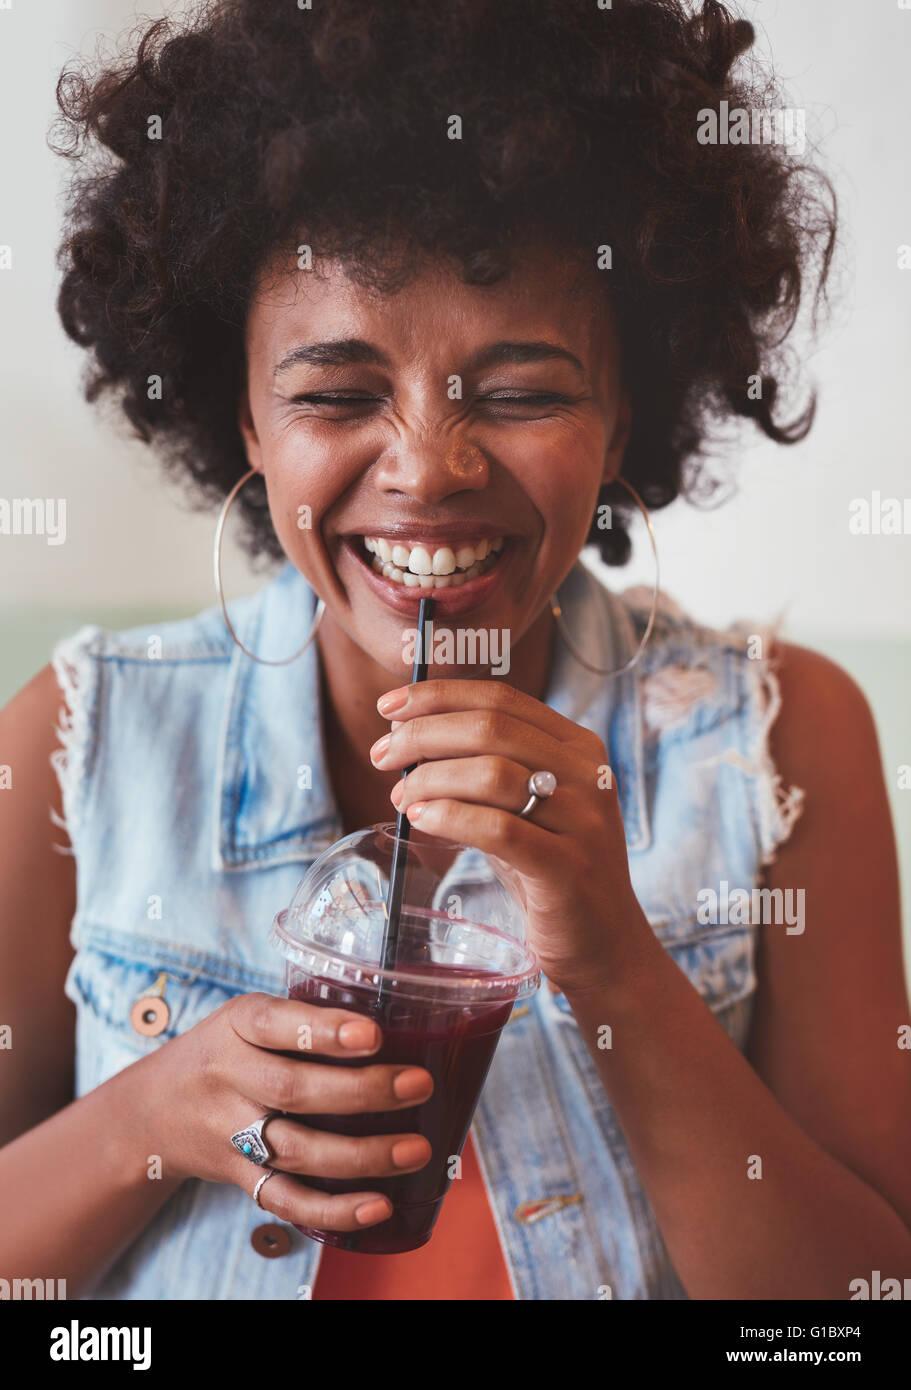 Porträt der fröhliche junge Frau trinken Saft aus frischen Früchten und lächelnd hautnah. Glückliche Stockbild